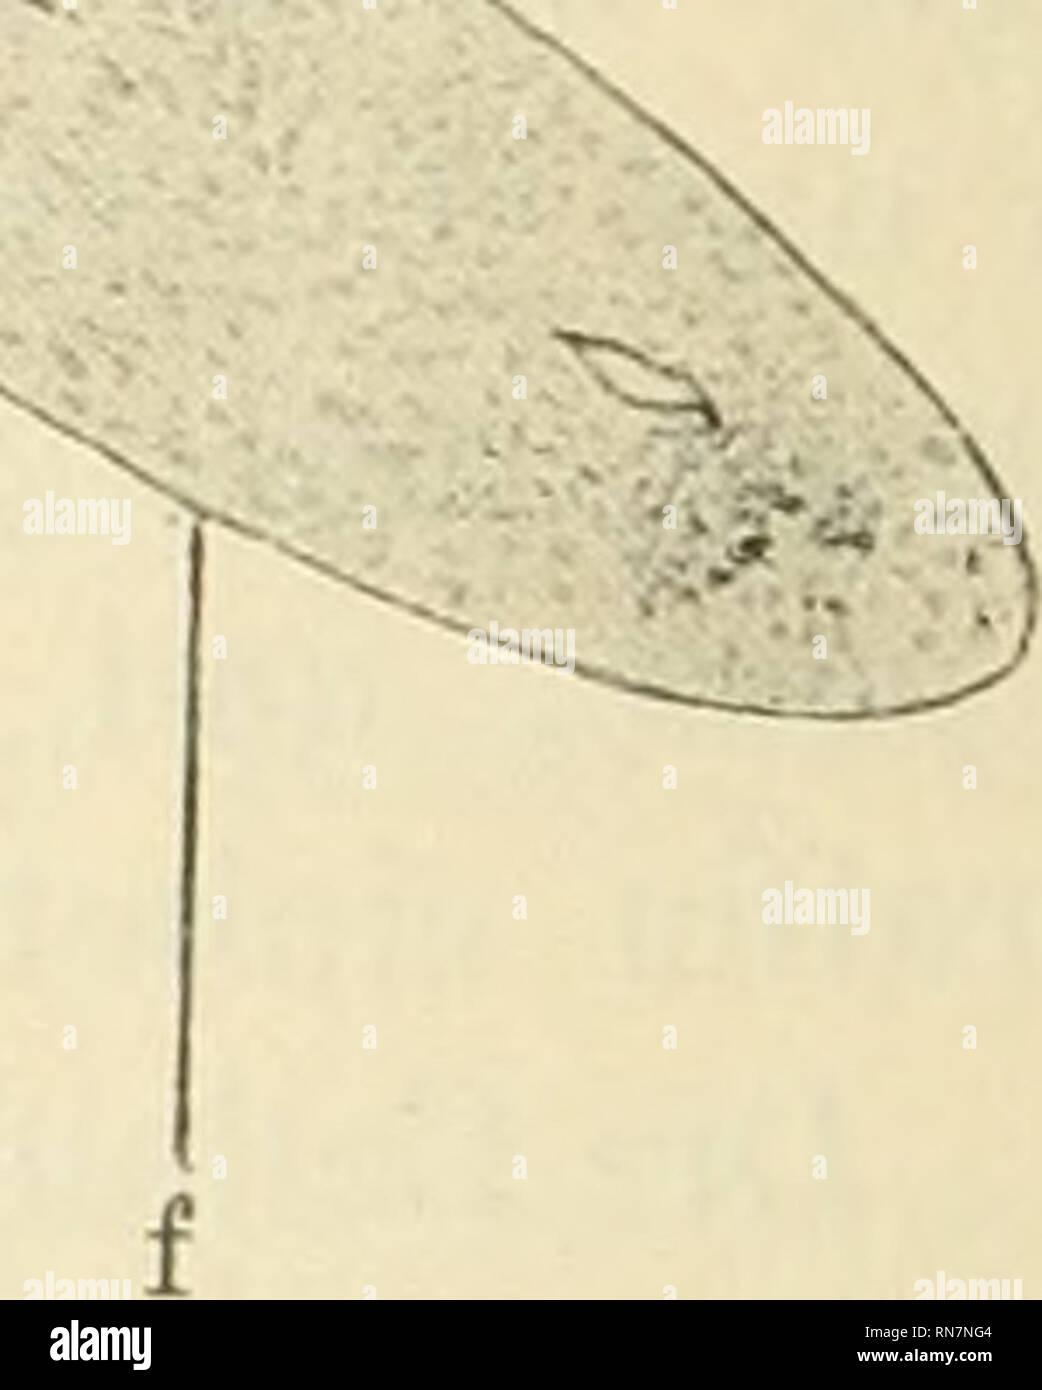 . Anatomischer Anzeiger. Anatomy, Comparative; Anatomy, Comparative. 174 Gefäßmuskulatur rosenrot; dagegen nimmt der Zellleib der Medullar- elemente das Eosin nicht an. Die beistellende Textfigur zeigt uns bei 5-facber Vergrößerung den Durchschnitt der Nebenniere eines 17-jährigen erschossenen Jünglings. Man sieht die Lage der Medullaris in zwei Haupt-. abteilungen a und 5, verbunden durch das Mittelstück c, zerstreute Gruppen der Medullarsubstanz bei e. Schon bei dieser schwachen Vergrößerung bemerkt man die Vermischung der Corticalis und Medullaris an der Stelle d und die vollständige Abwese - Stock Image